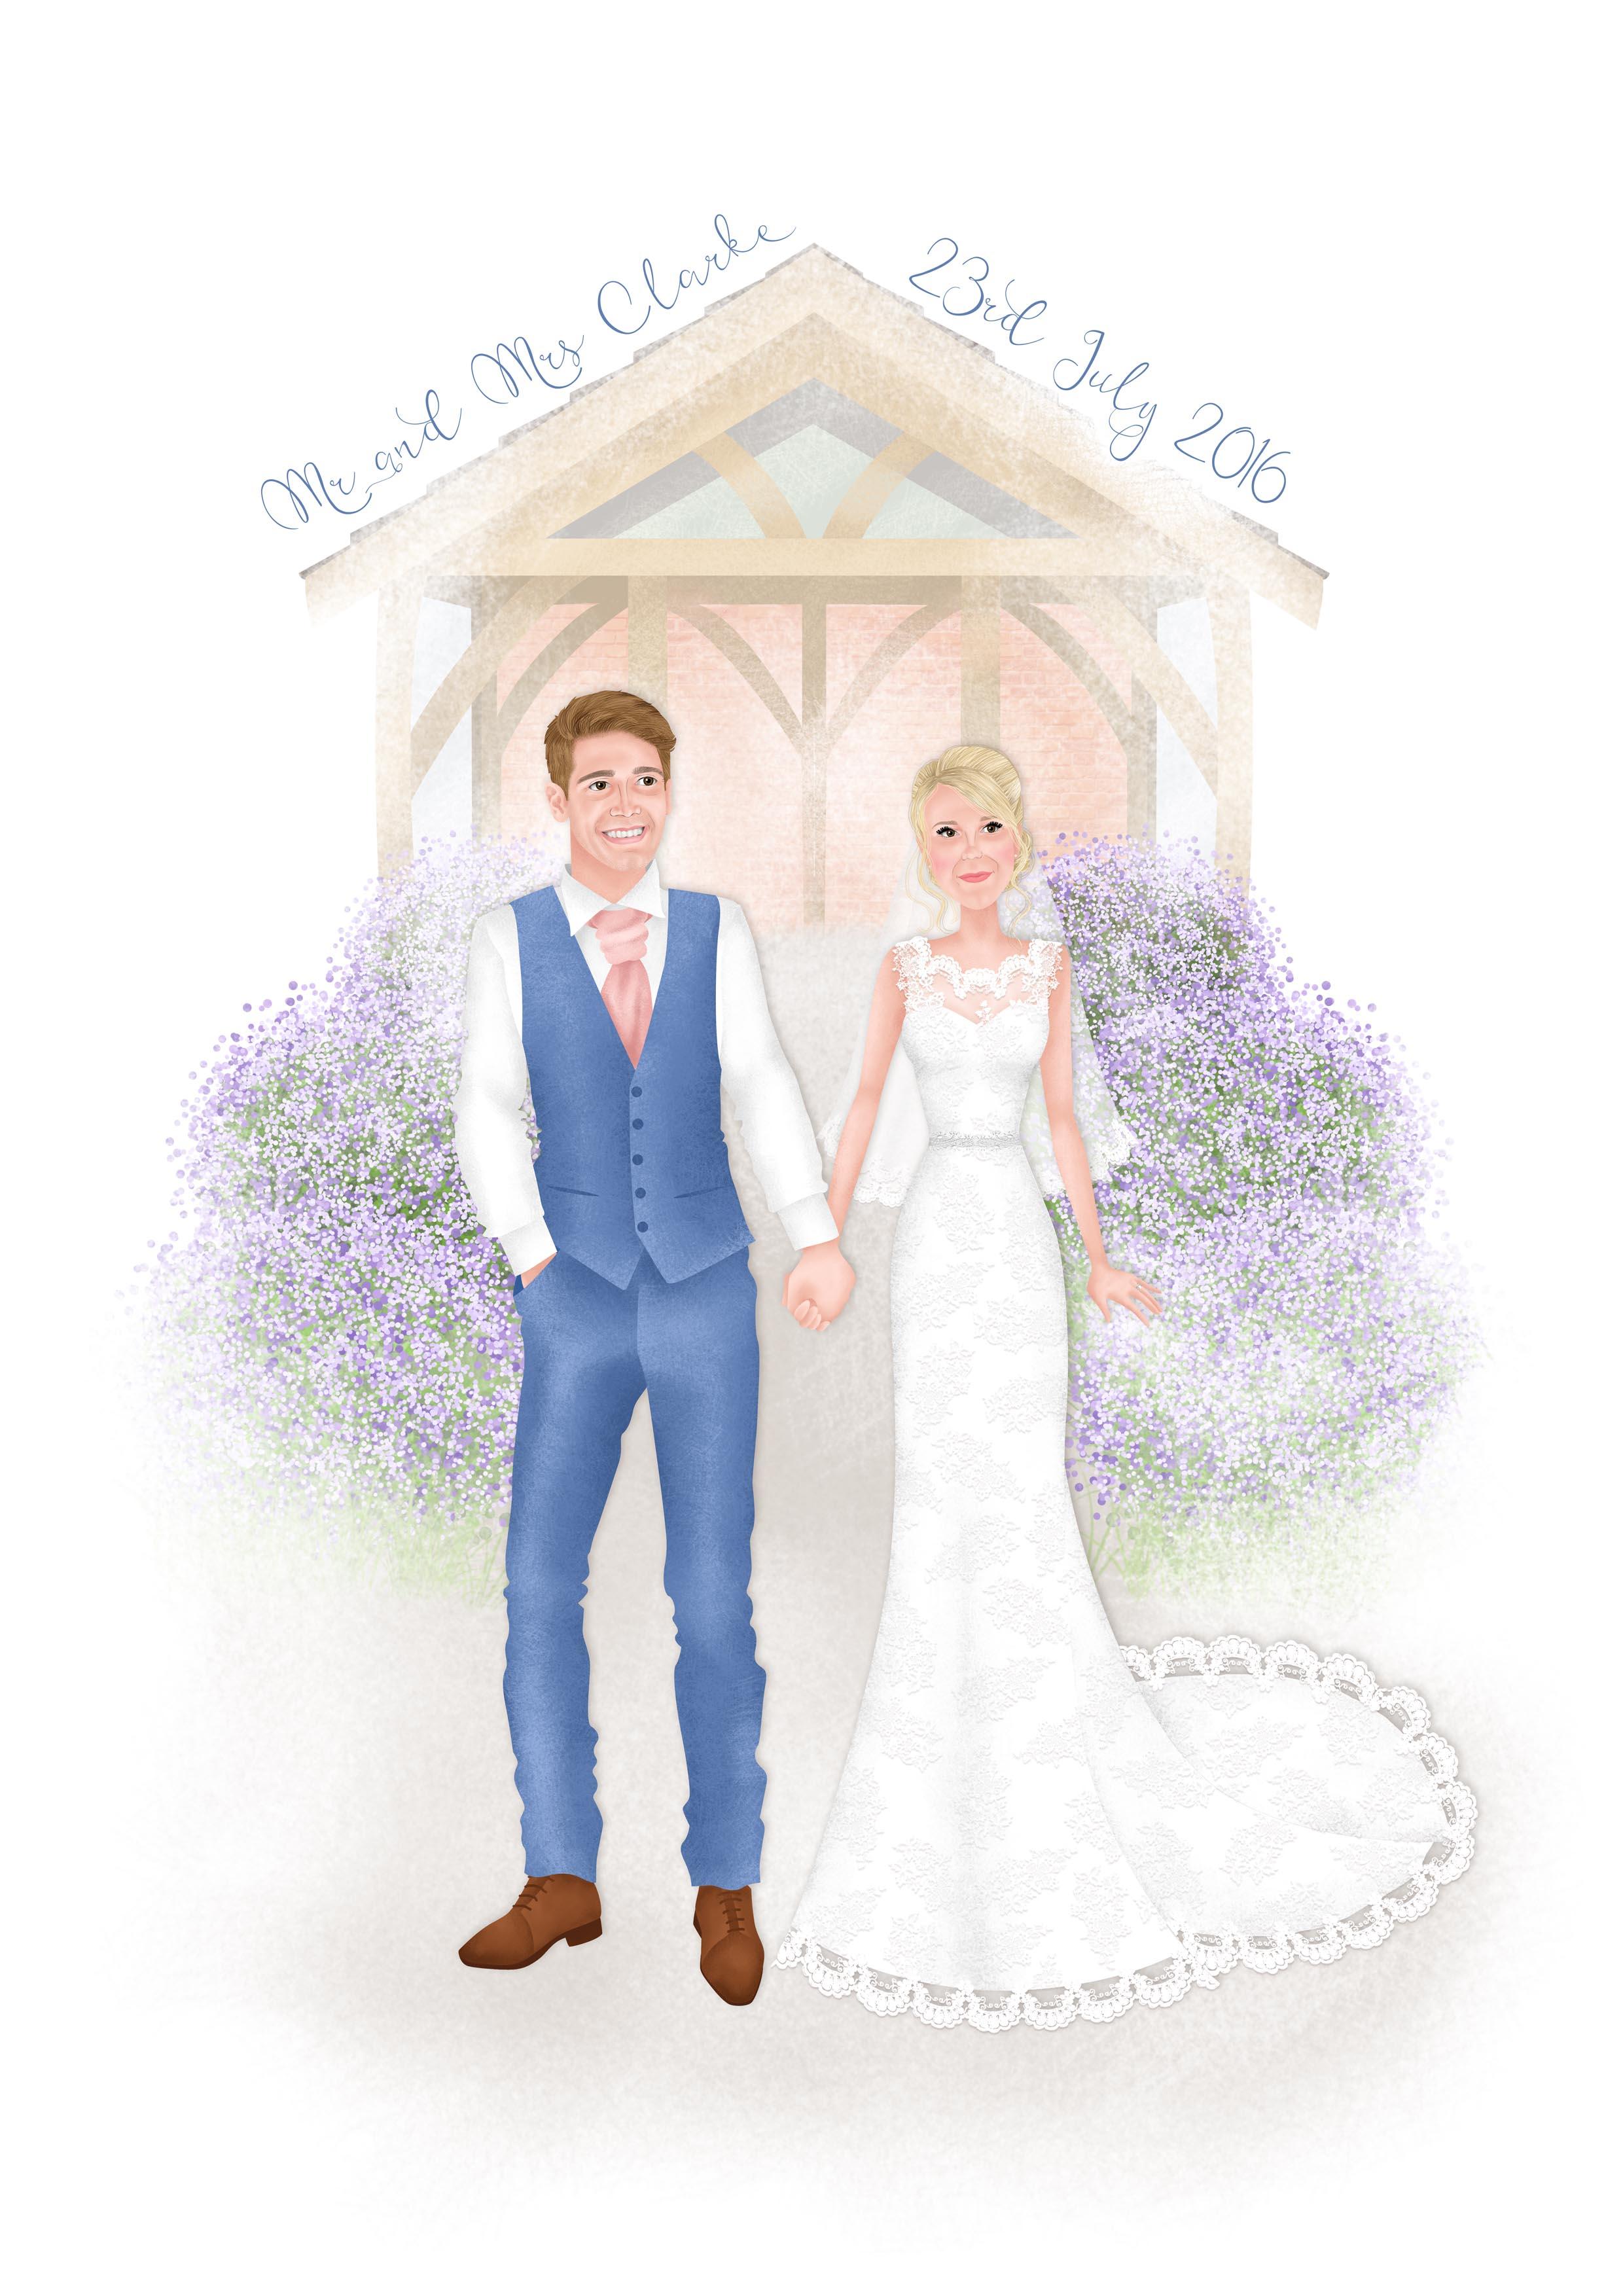 JONNY CLARKE - WEDDING PORTRAIT - A4.jpg